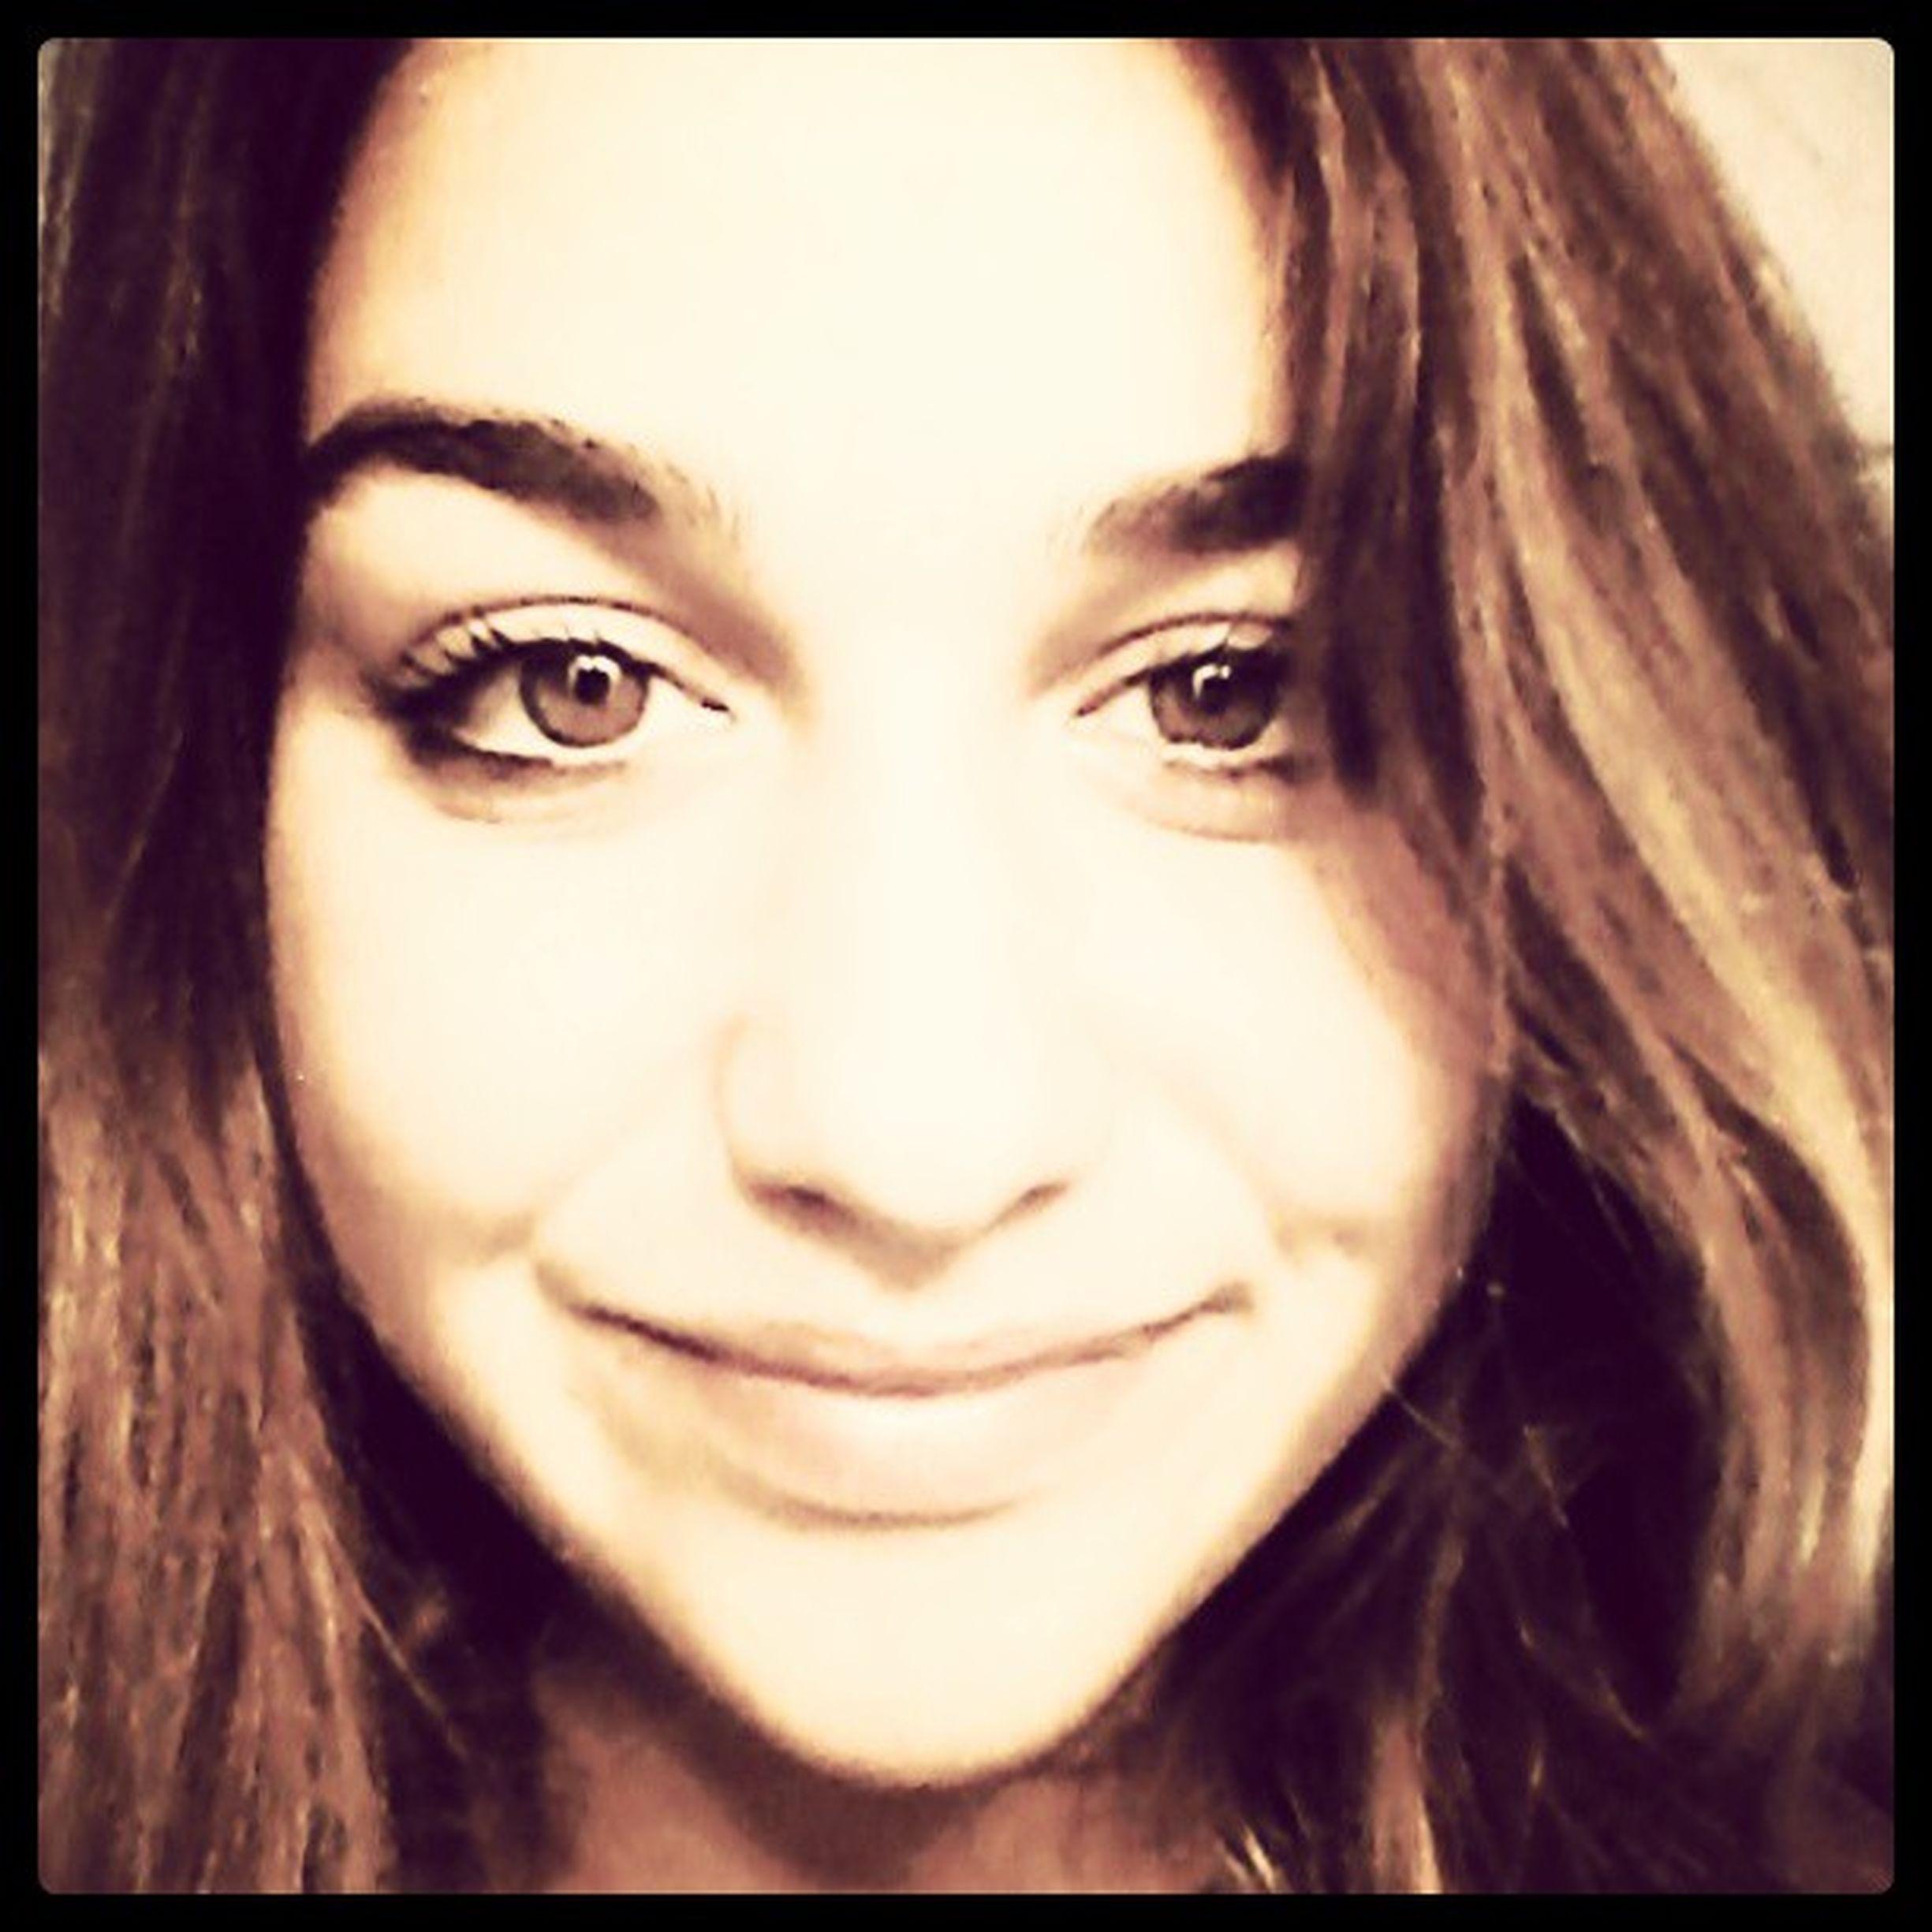 Sei bellissima capito? E adesso tieni questo sorriso per tutto il giorno. Consigli Migliori GraziE Luca tieniilsorrisopertuttoilgiorno